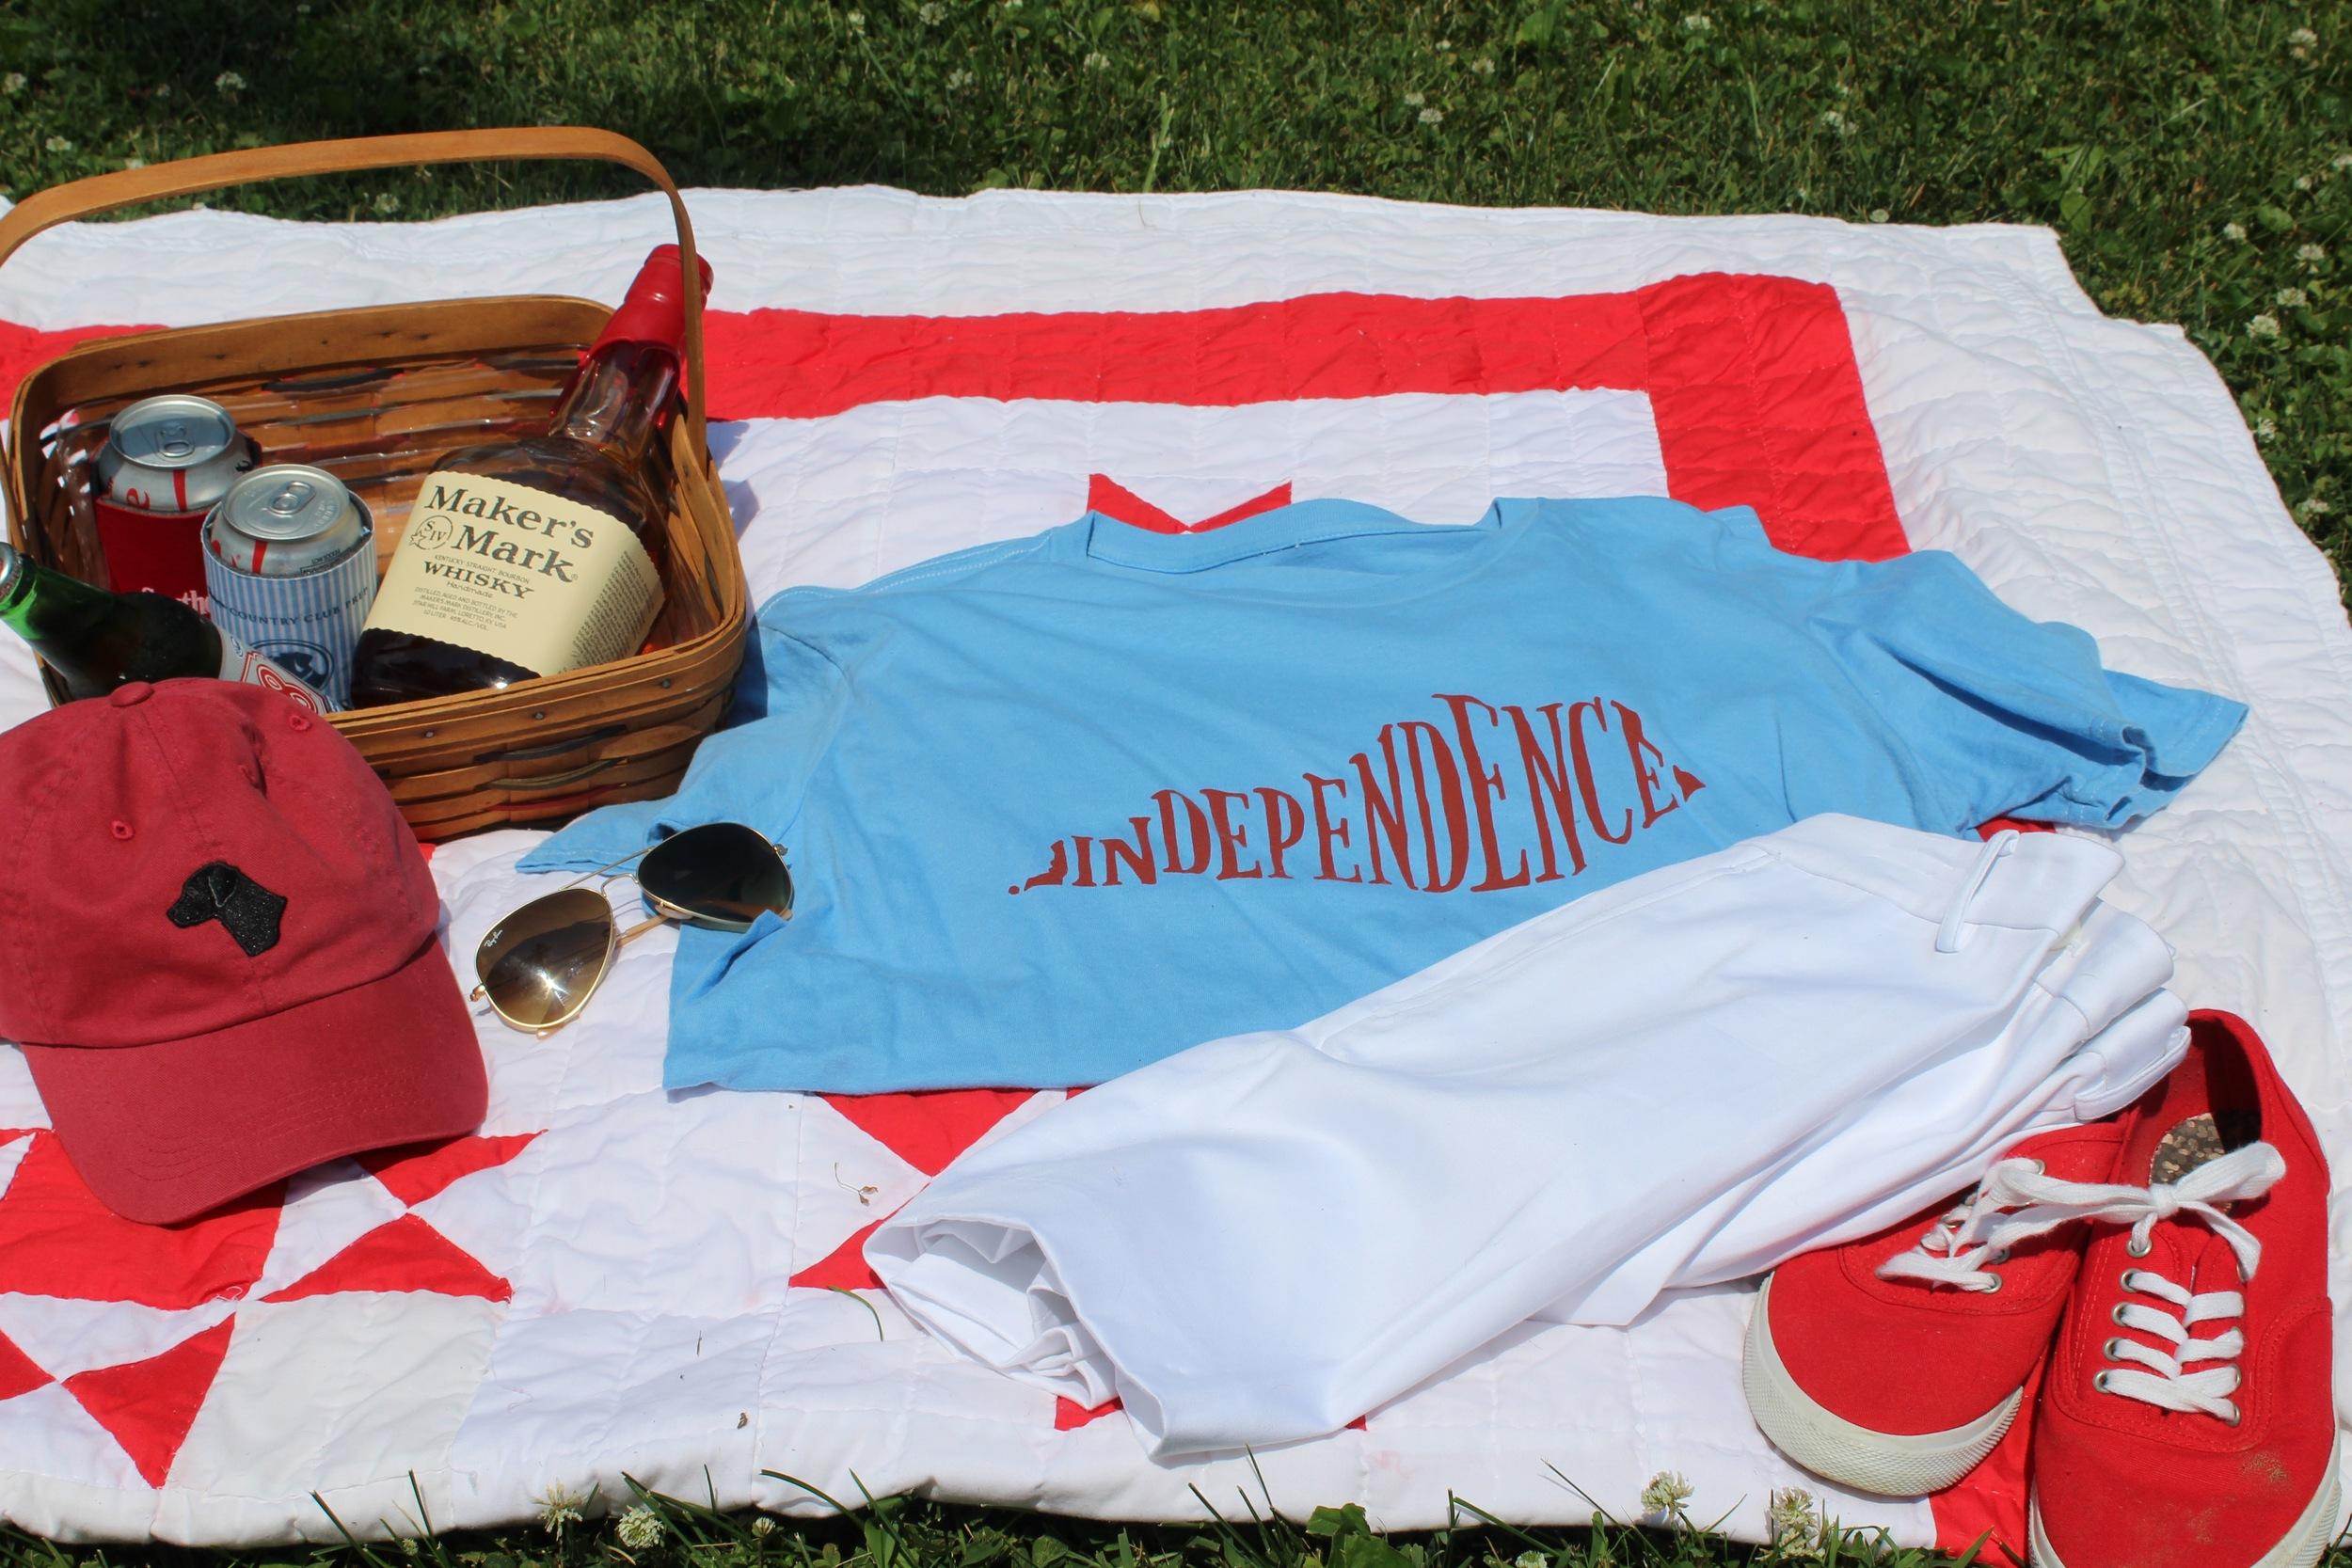 My Kentucky Tee Kentucky Independence shirt | Louisville KY Fashion Blogger | HerKentucky.com